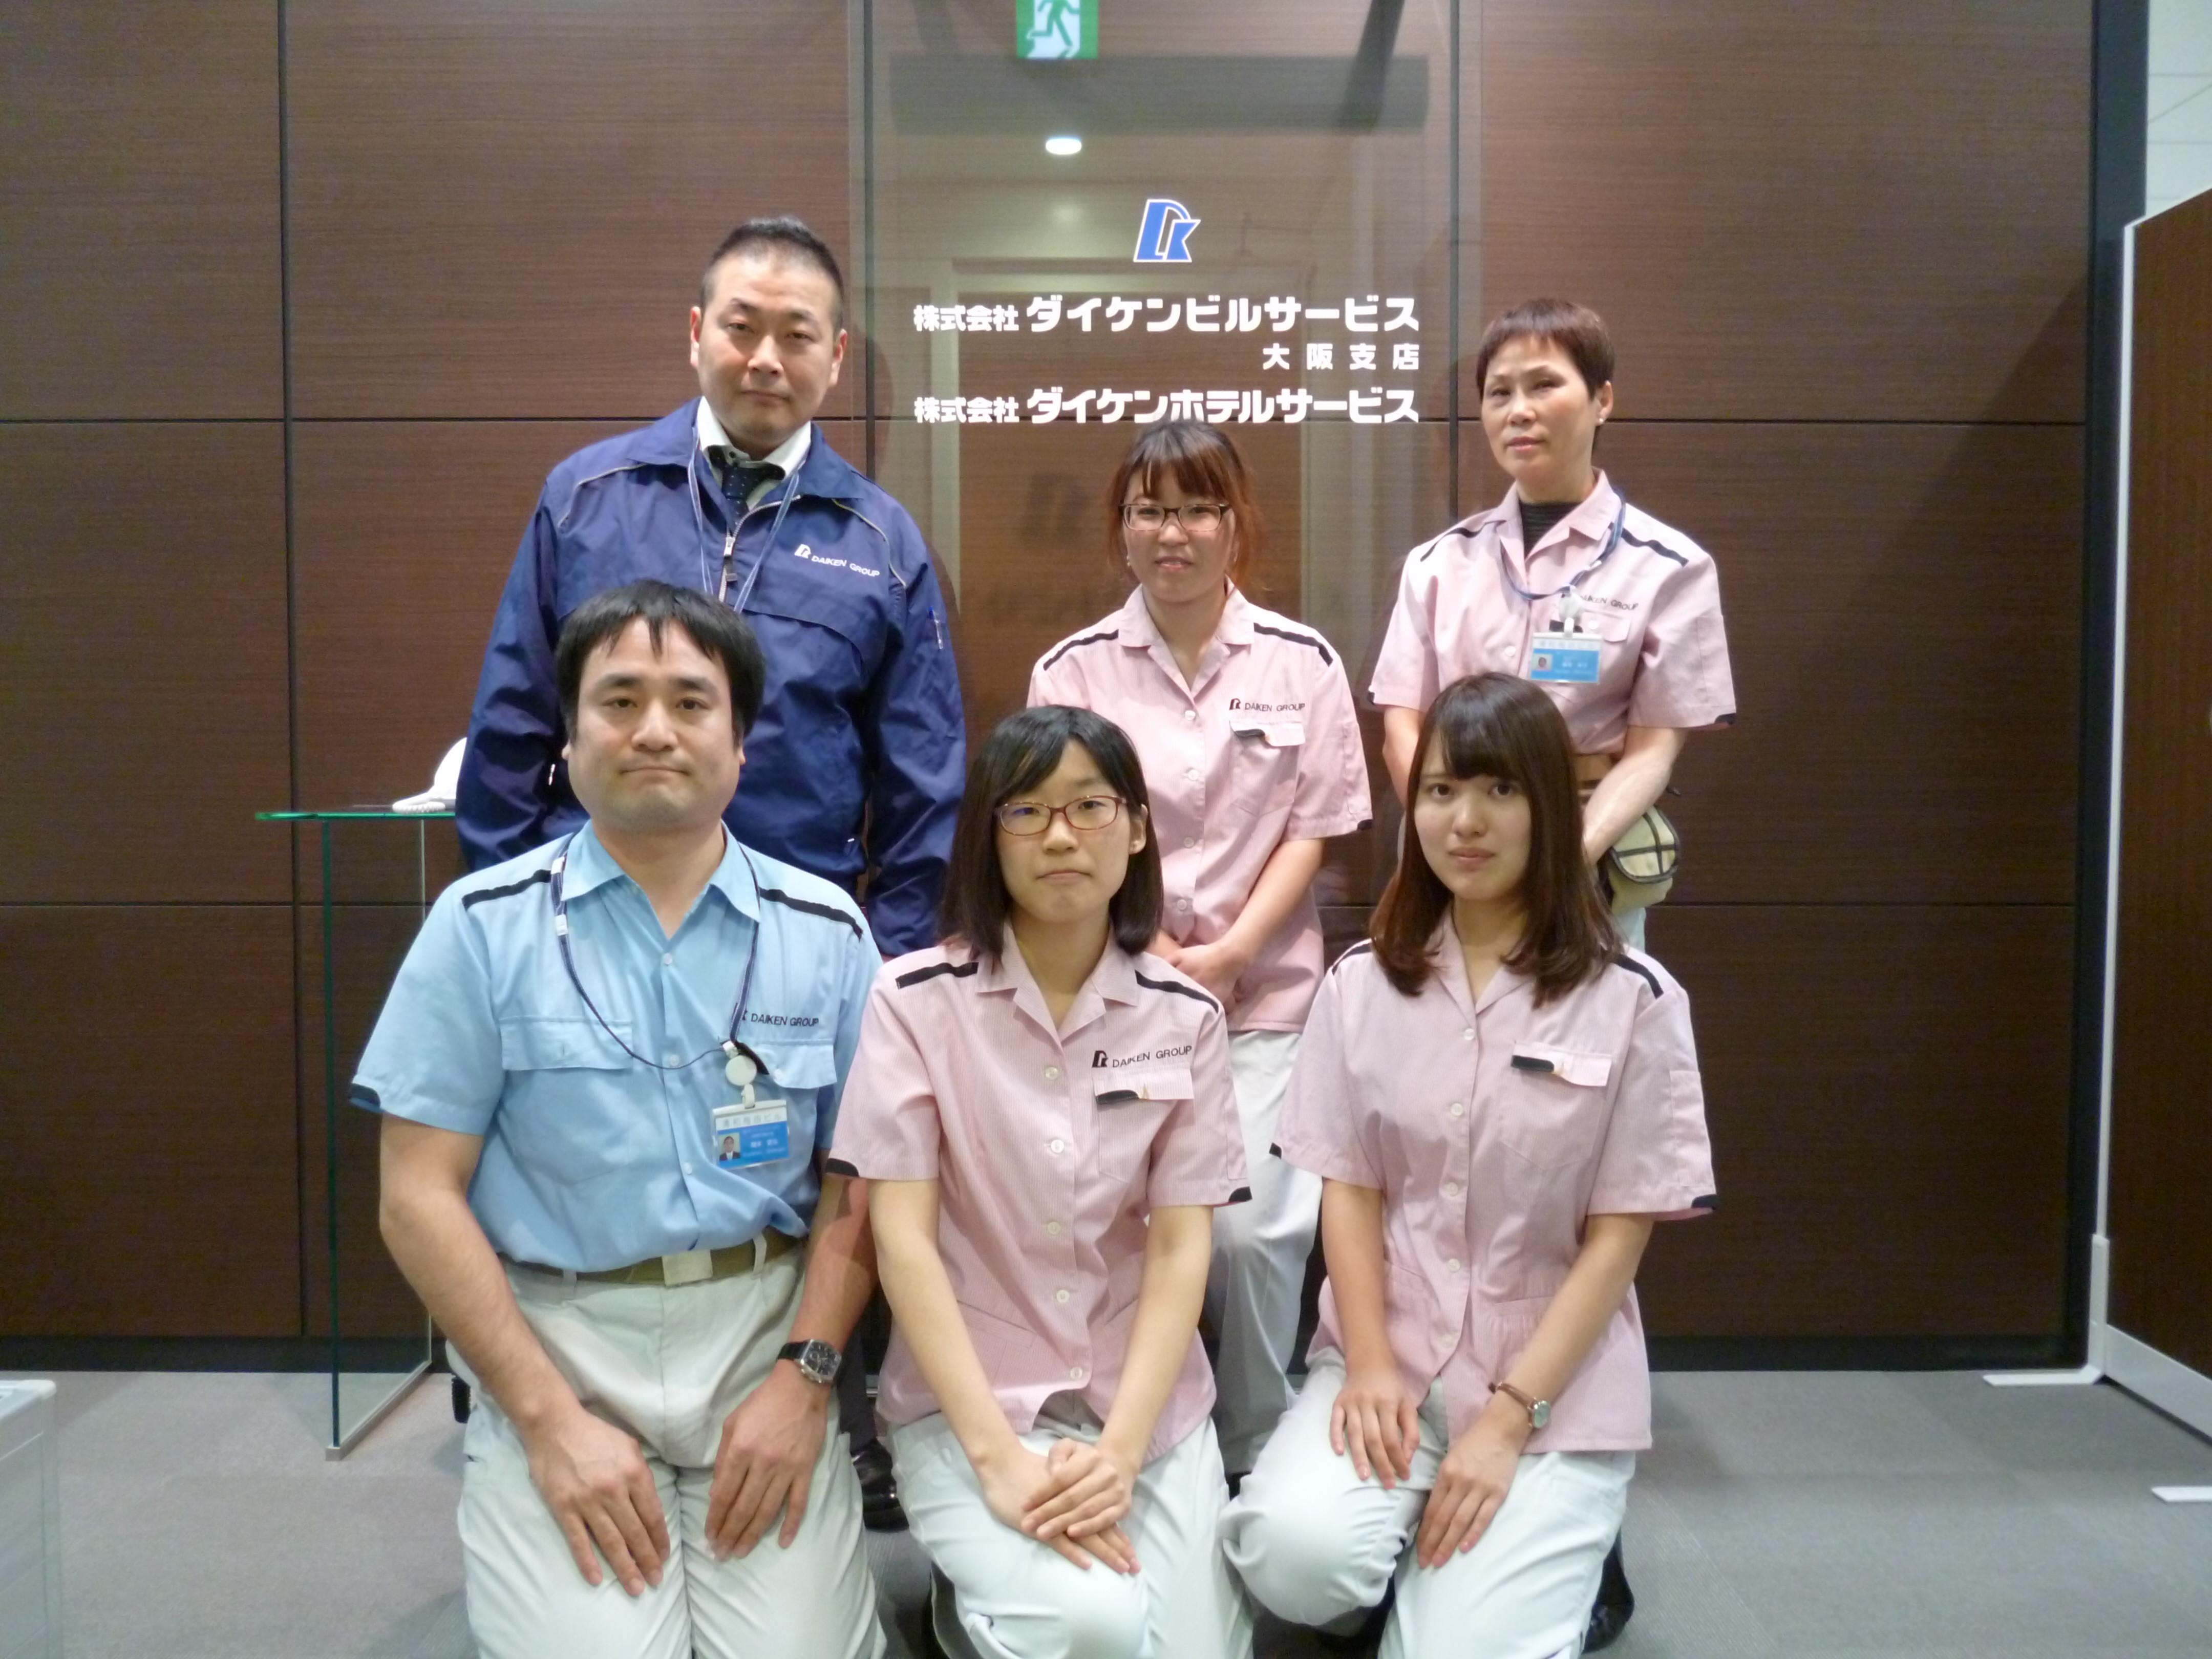 清掃スタッフ 天満橋オフィスビル 株式会社ダイケンビルサービス のアルバイト情報